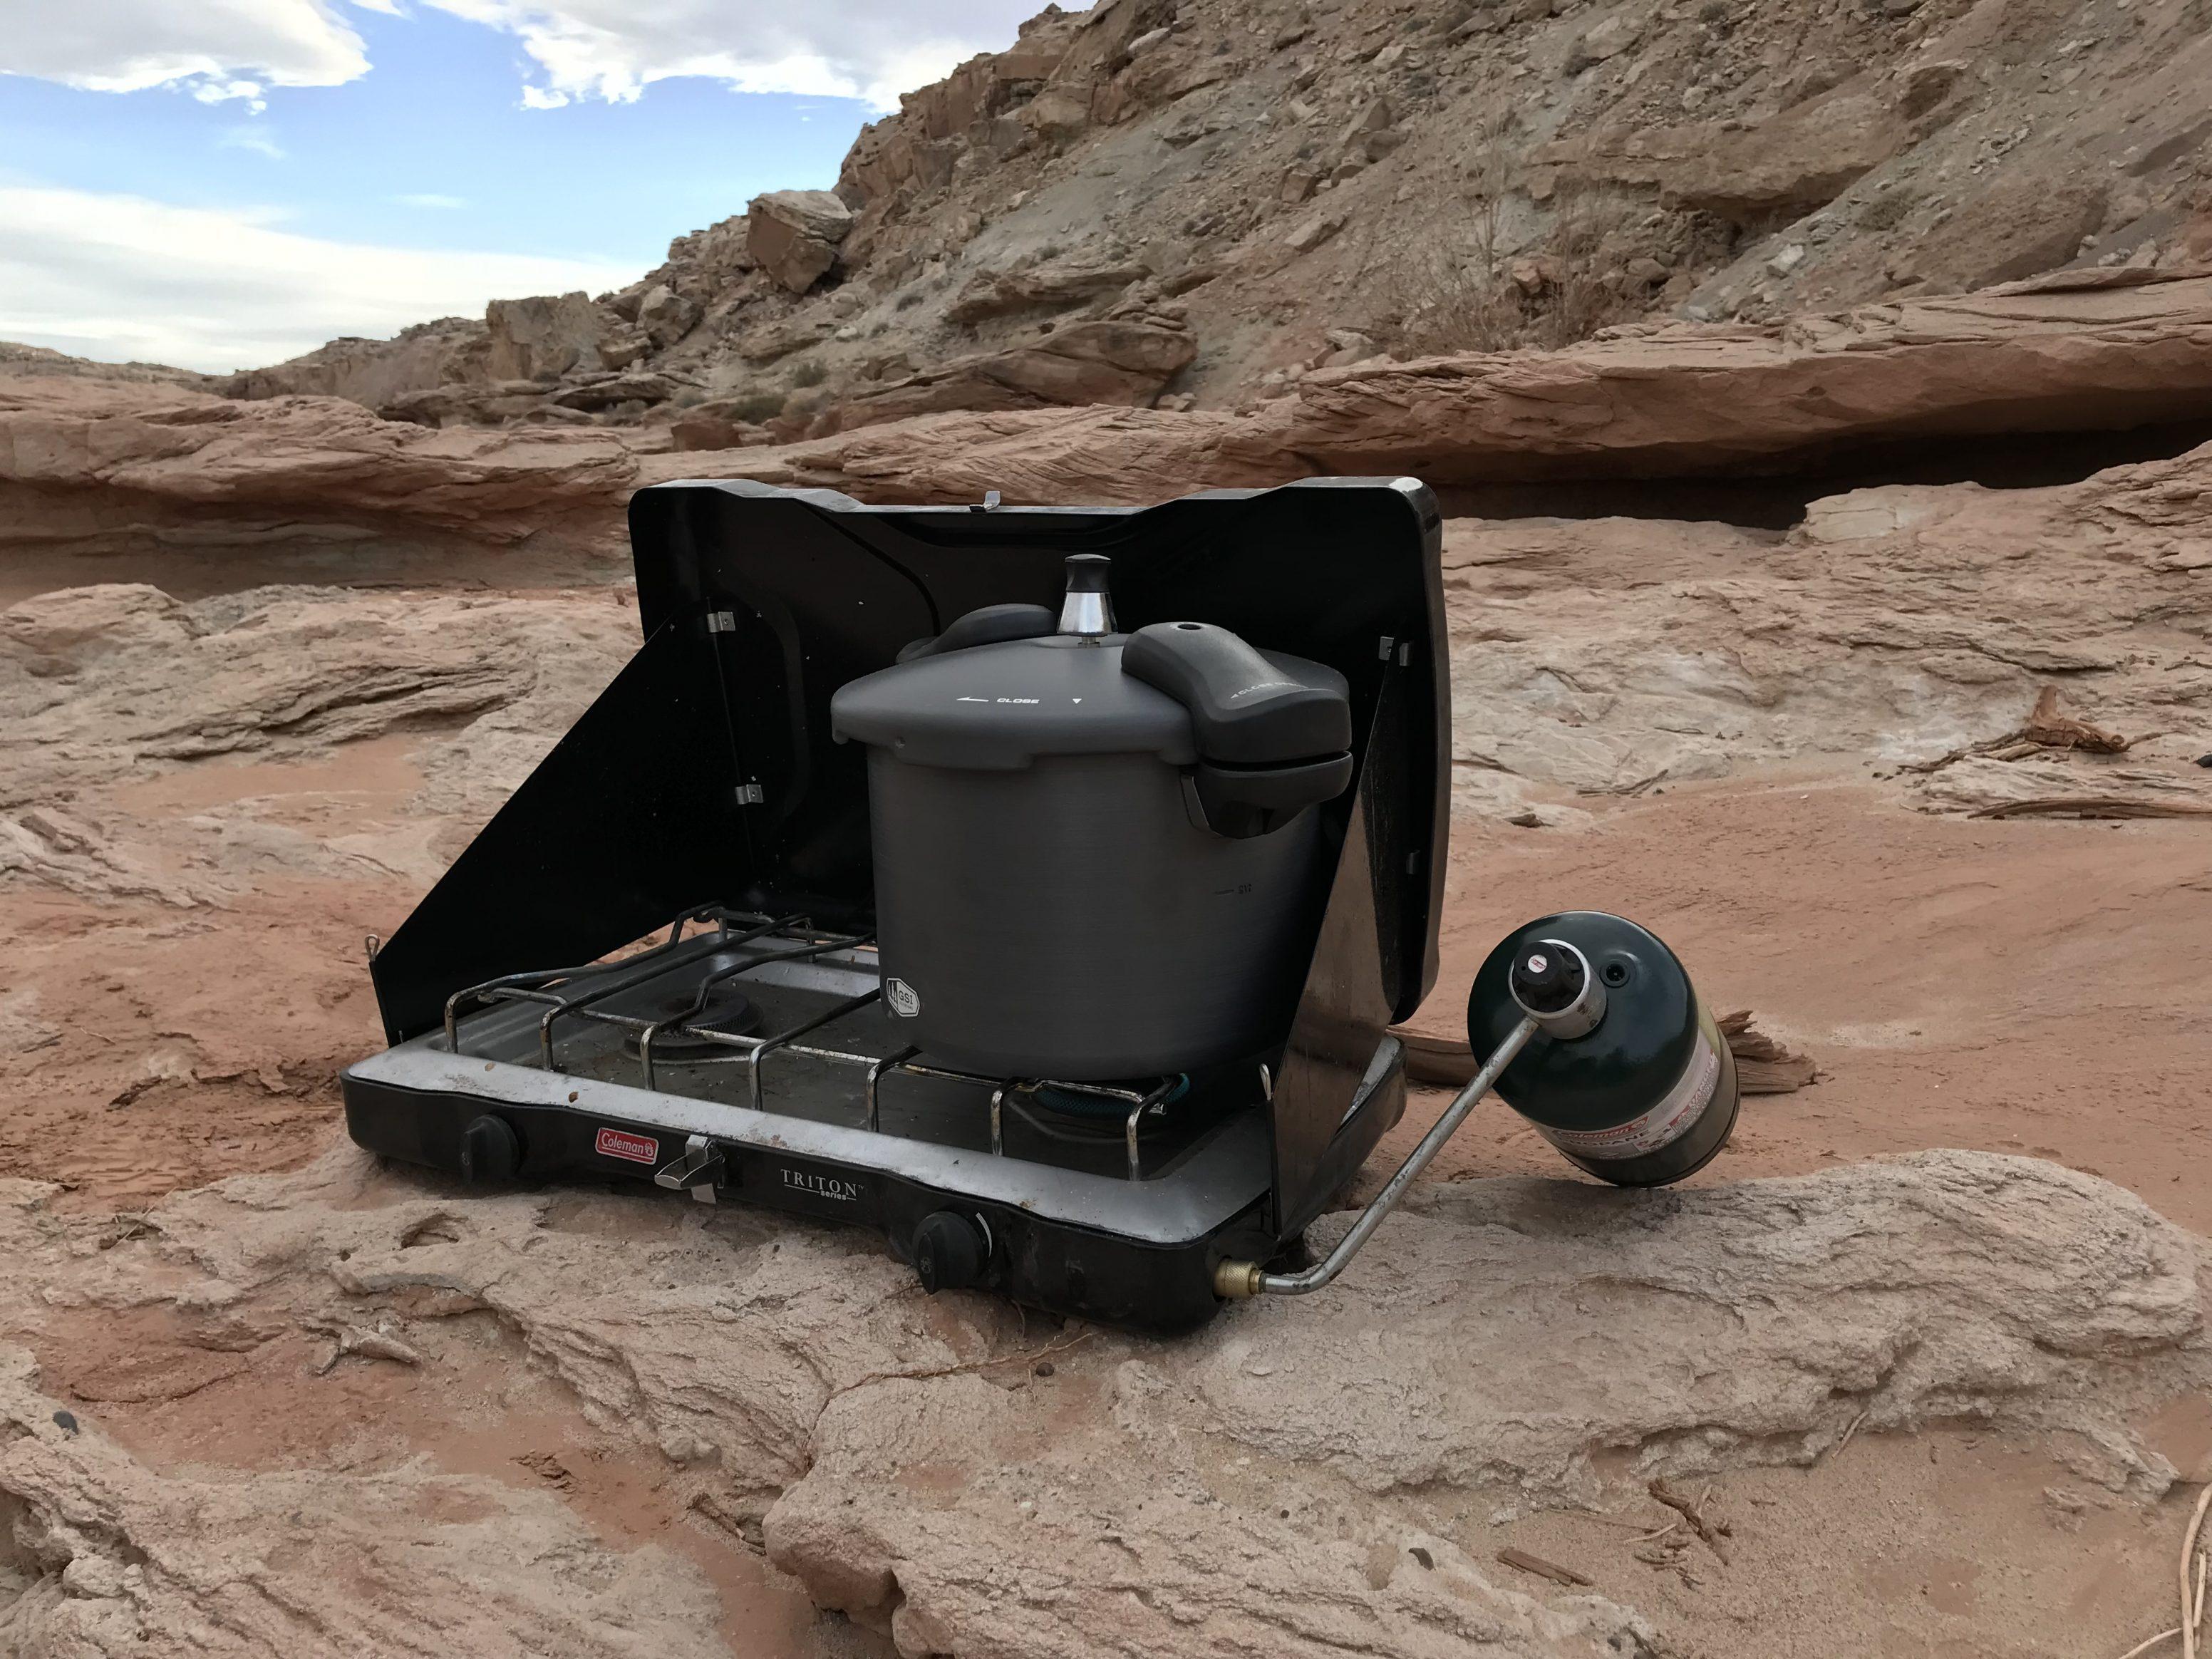 GSI 5.7 L Halulite Pressure Cooker